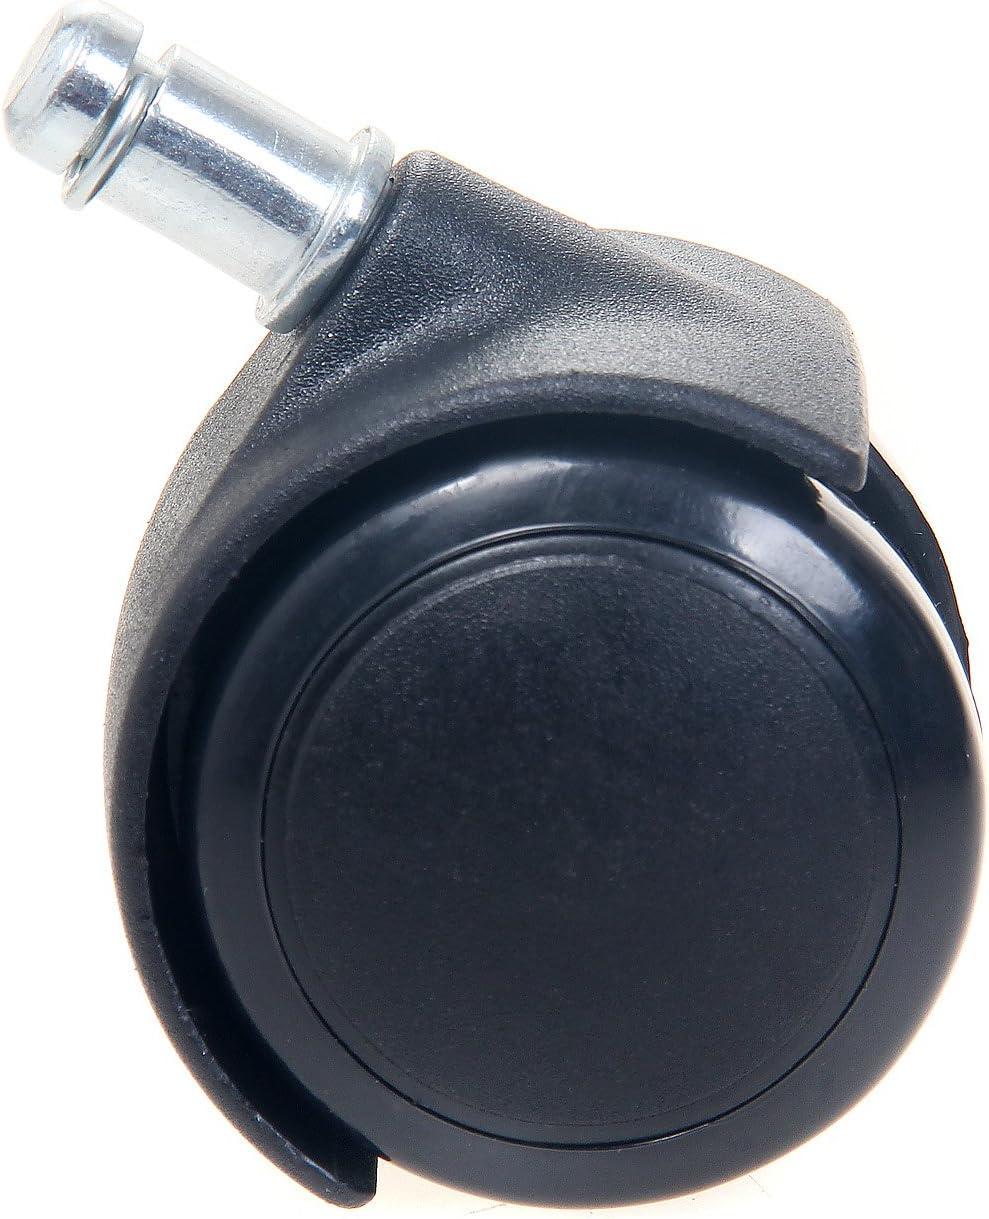 TUKA Jeu de 5 PU roulettes sols durs 11mm pour si/ège de Bureau TKD3202 Black Noir 11//50 mm Frein de s/écurit/é Externe